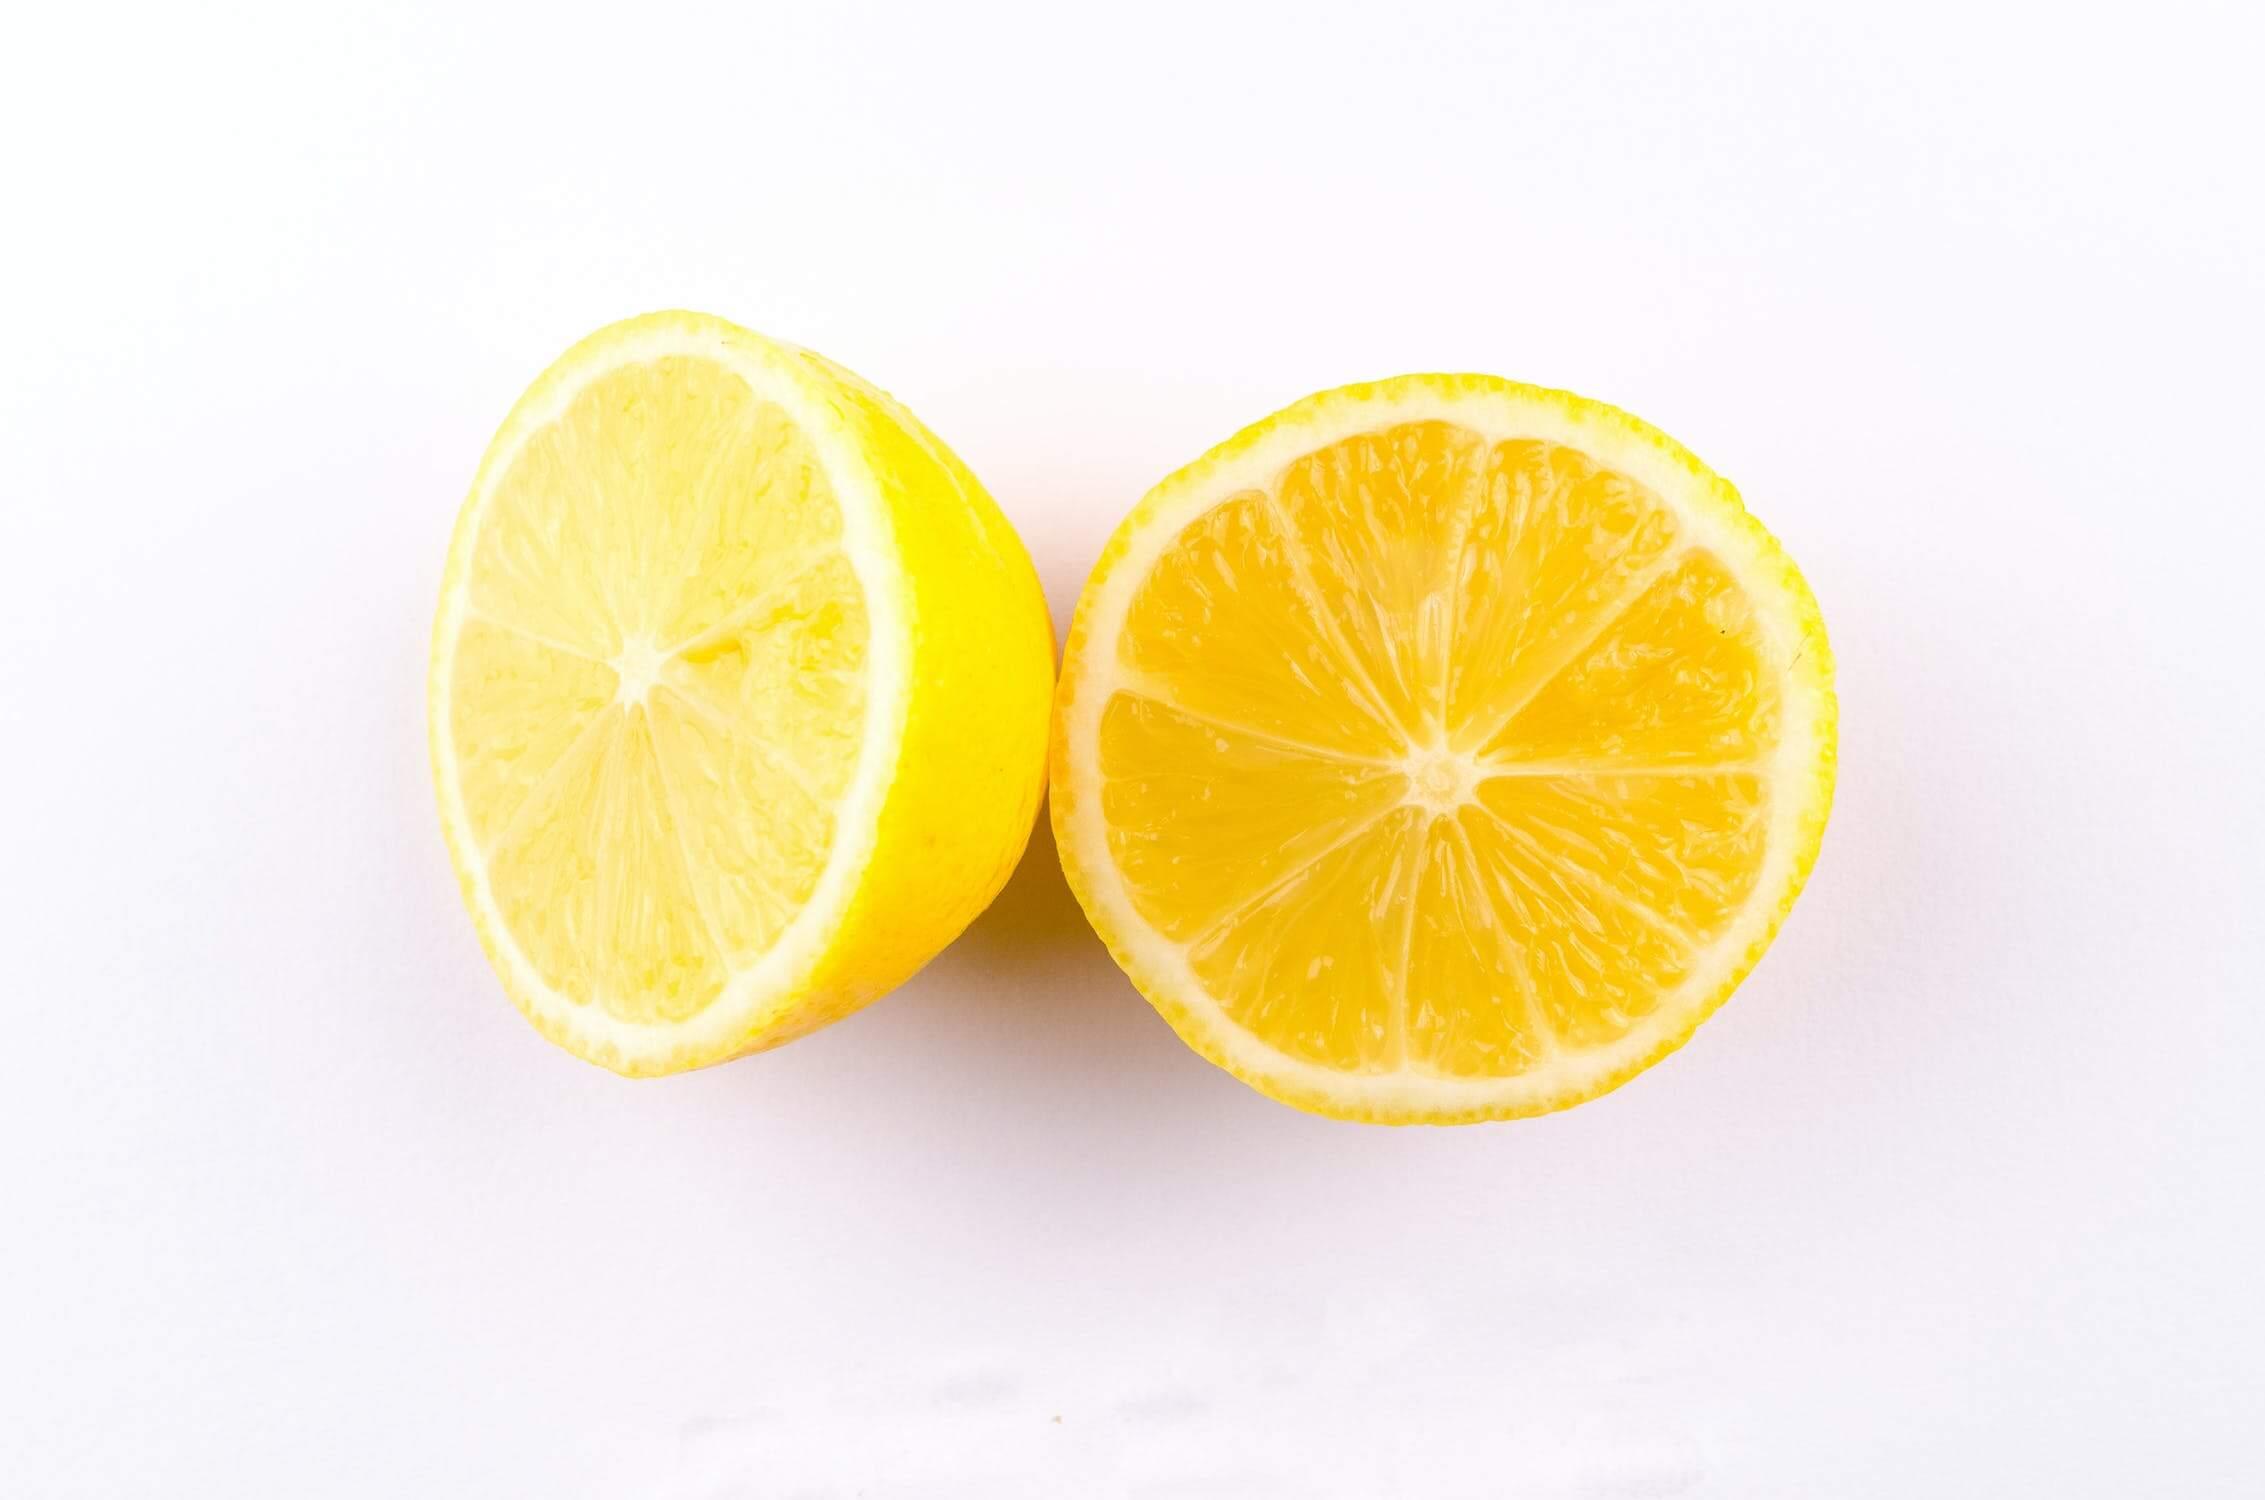 lemons used for removing odors